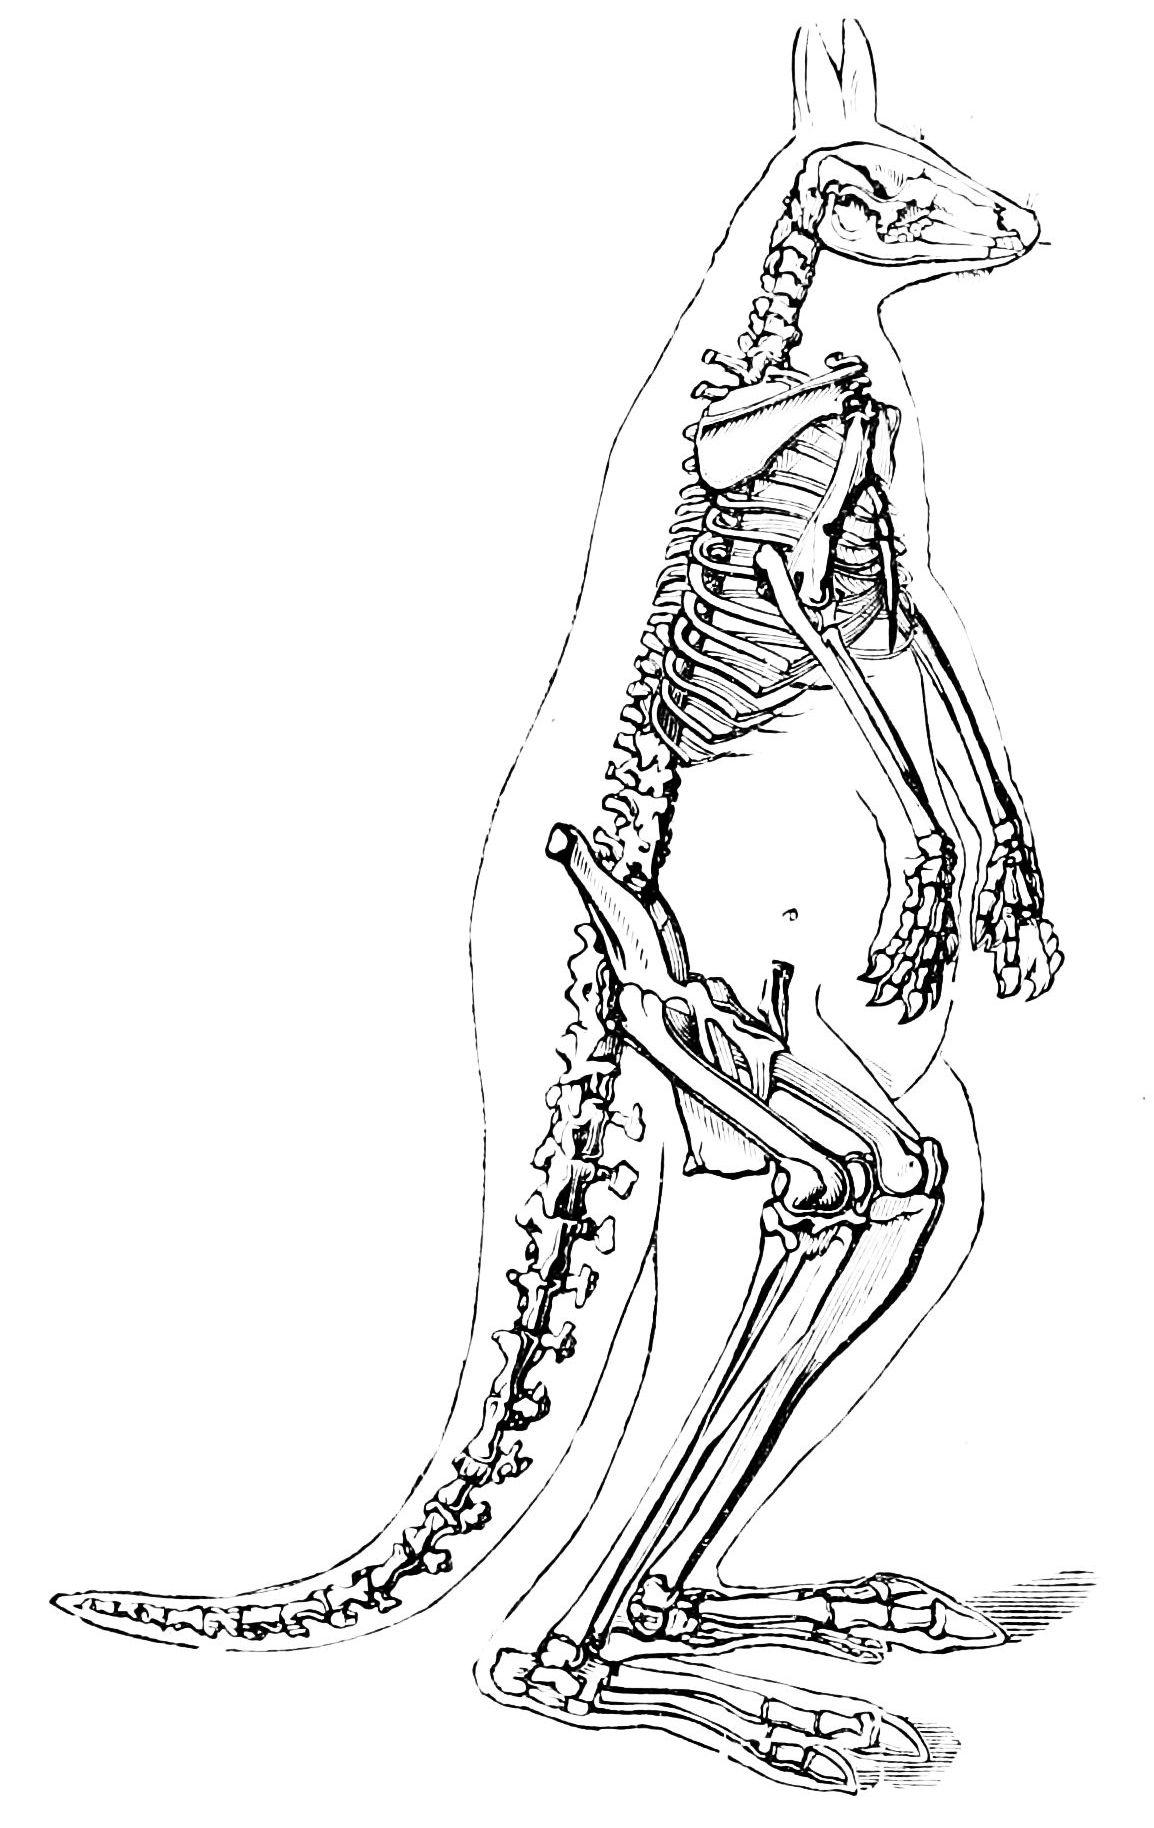 Kangaroo Skeleton Diagram